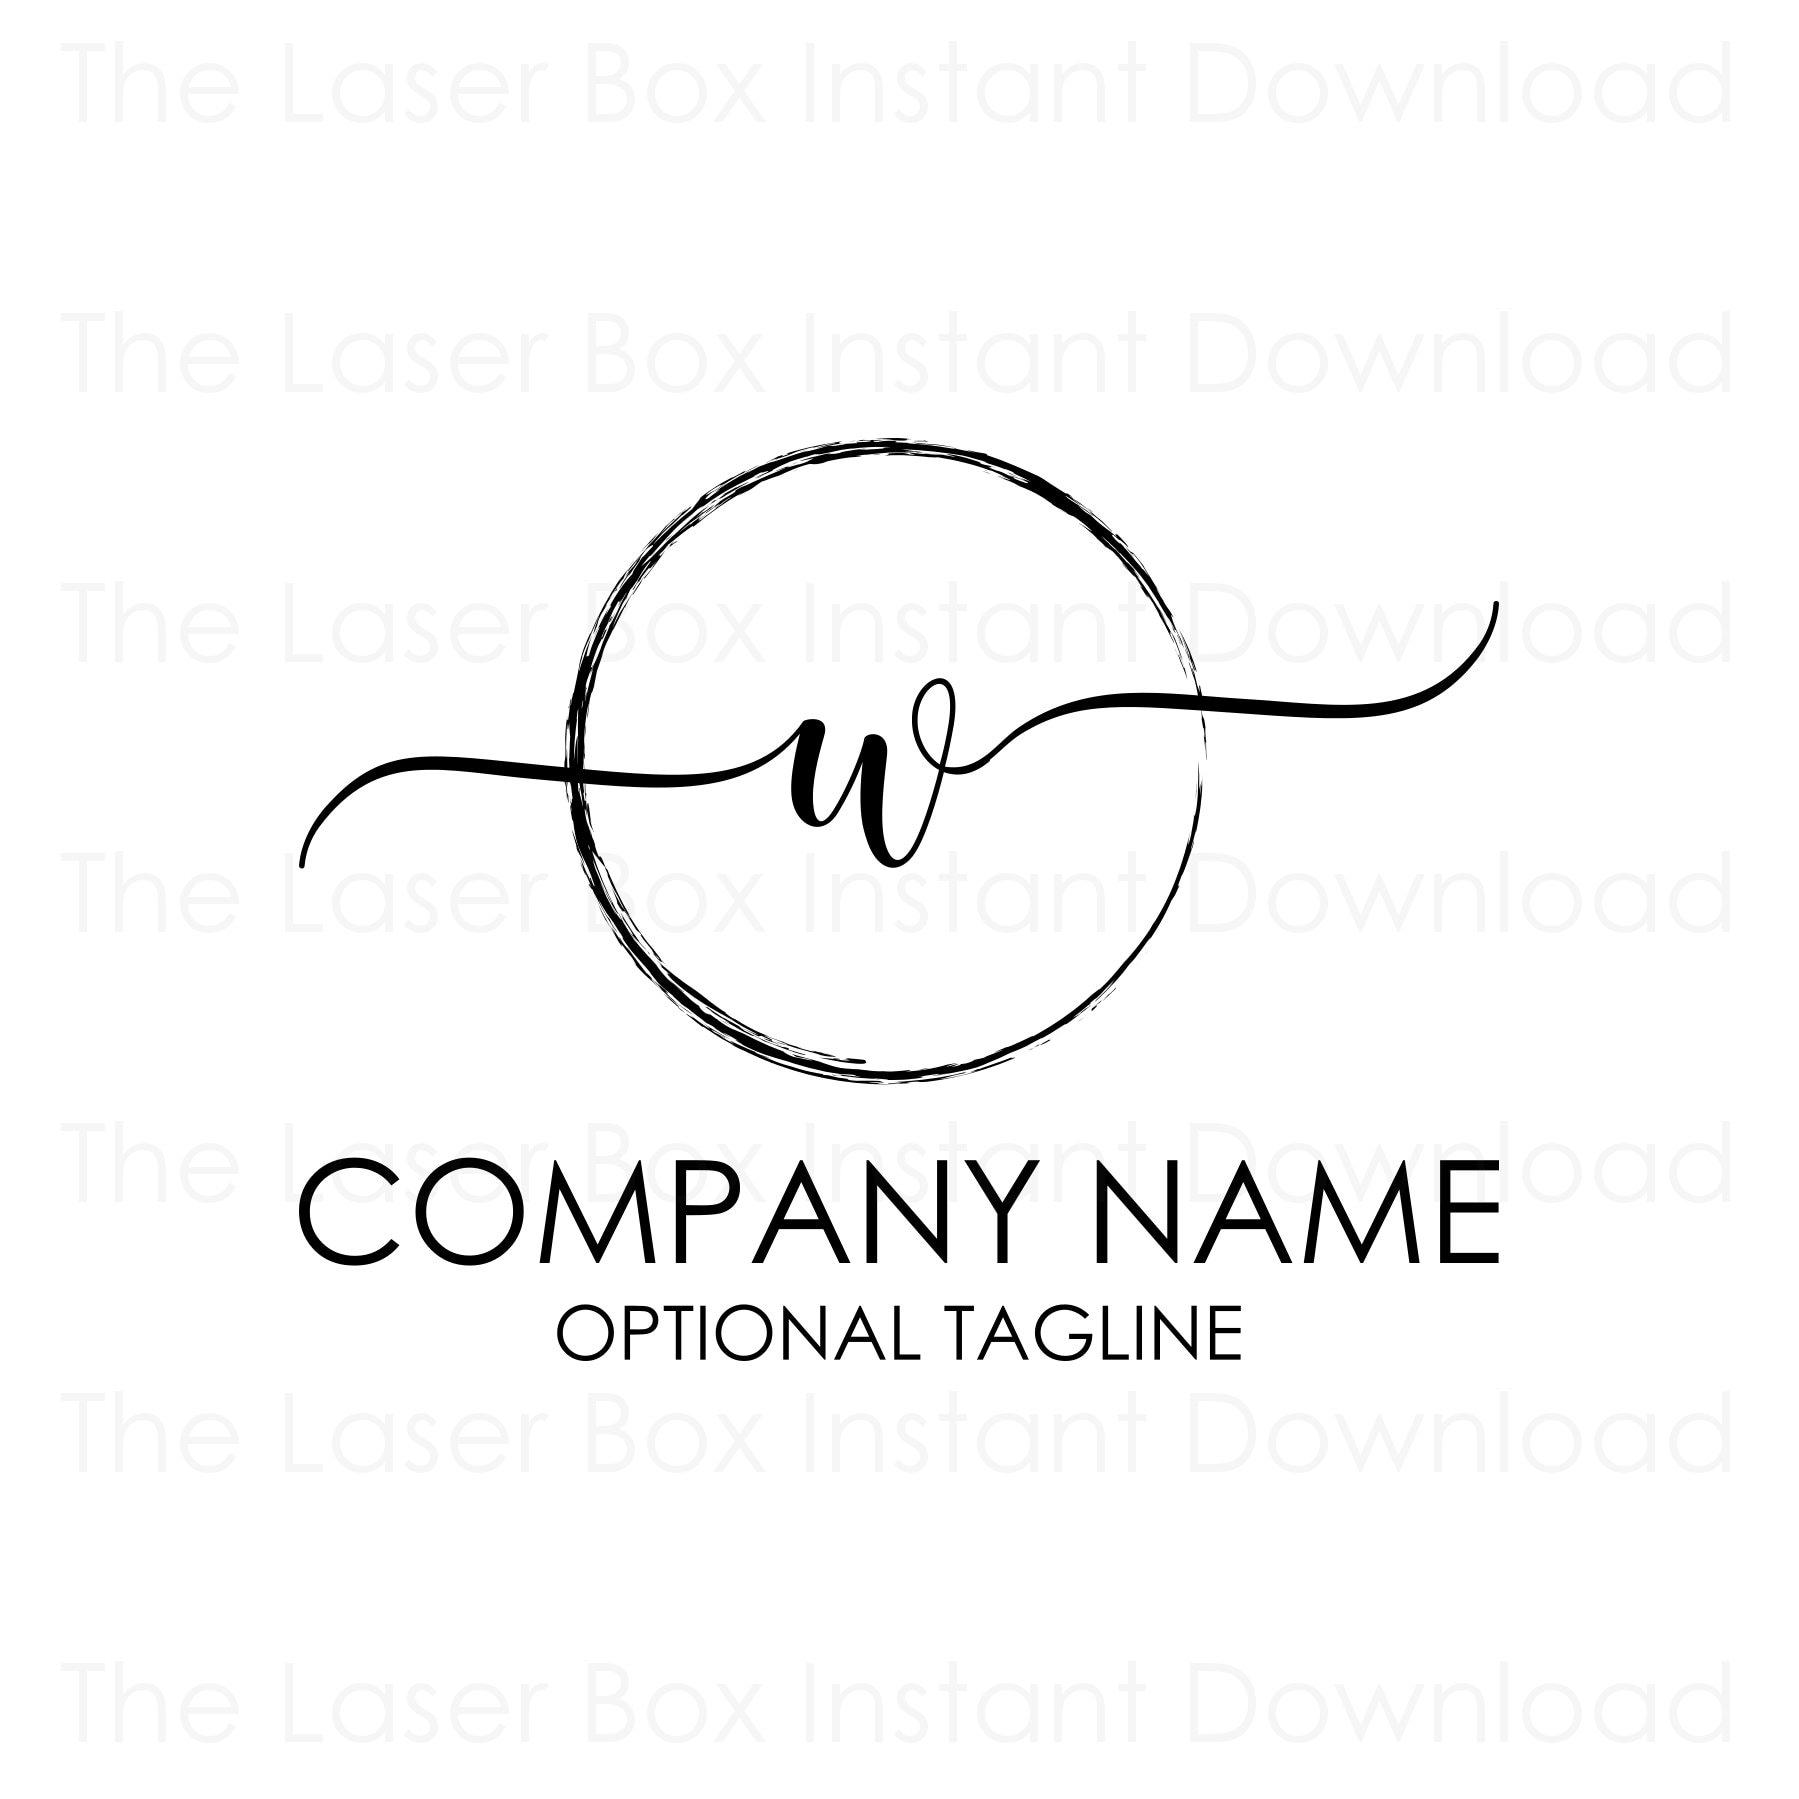 Premade Business Logo Design Svg Eps Png Jpg And Pdf